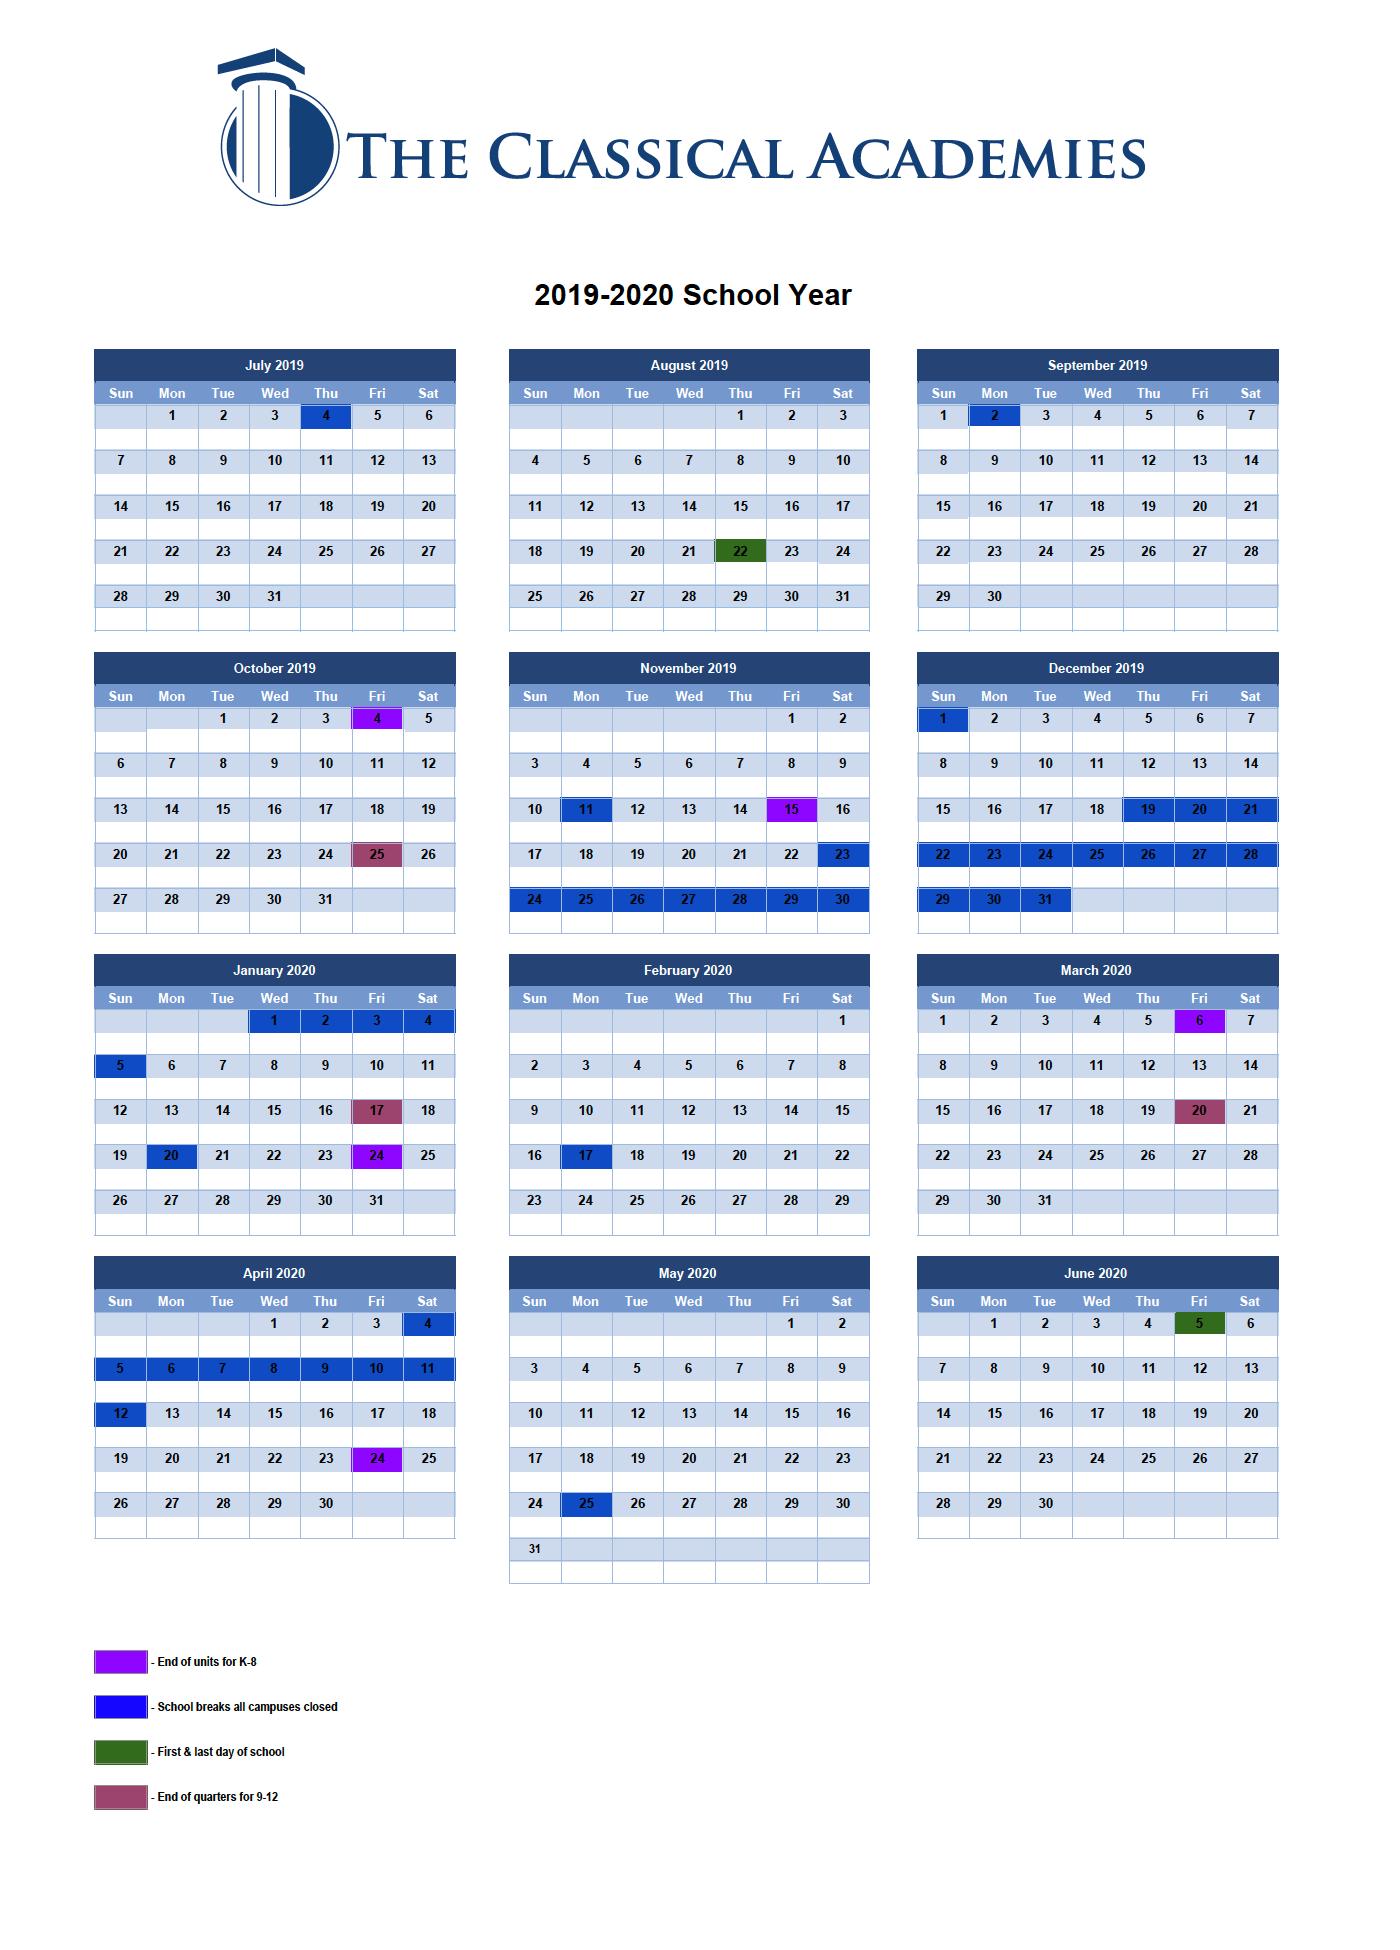 Instructional Calendar - The Classical Academies Intended For San Diego School Calendar 2021